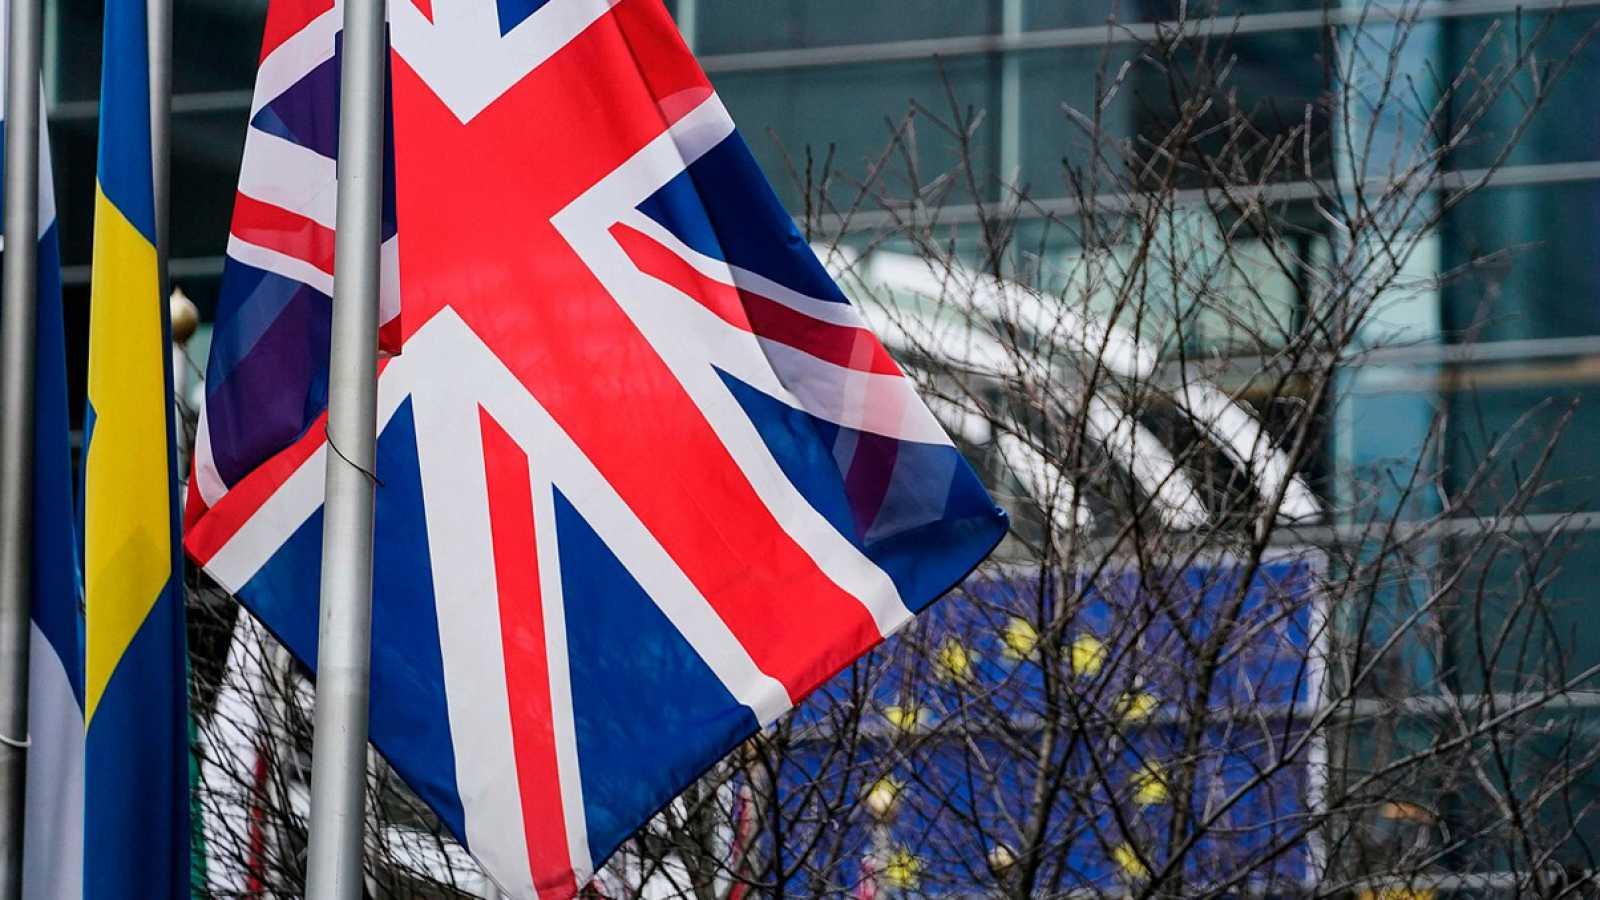 La bandera del Reino Unido frente al Parlamento europeo en Bruselas. Kenzo TRIBOUILLARD / AFP